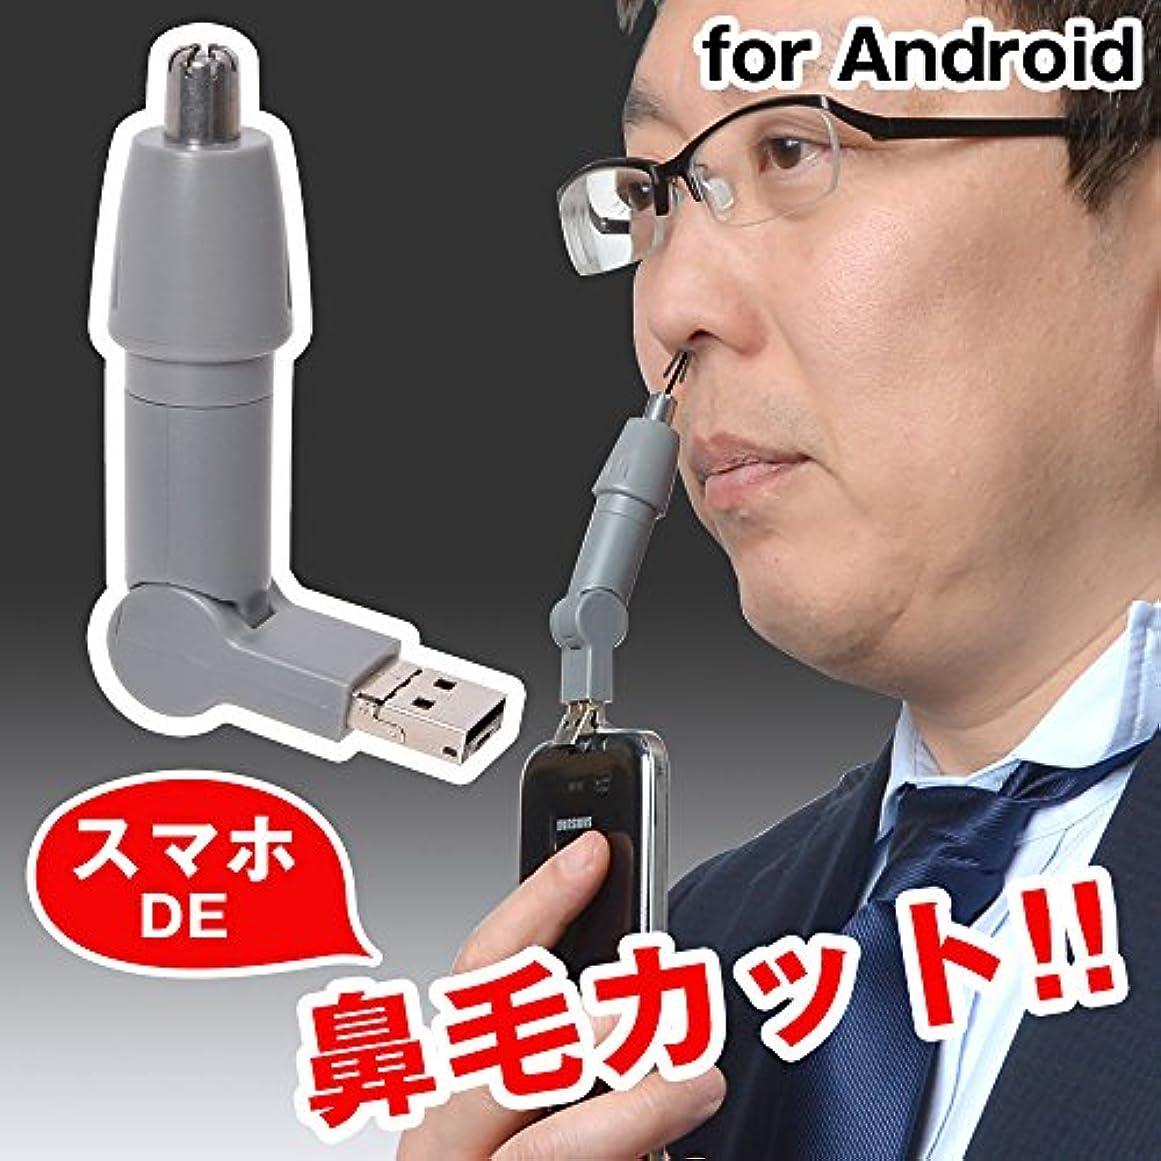 サミット期待する磁気スマホde鼻毛カッター ※日本語マニュアル付き サンコーレアモノショップ (for Android)